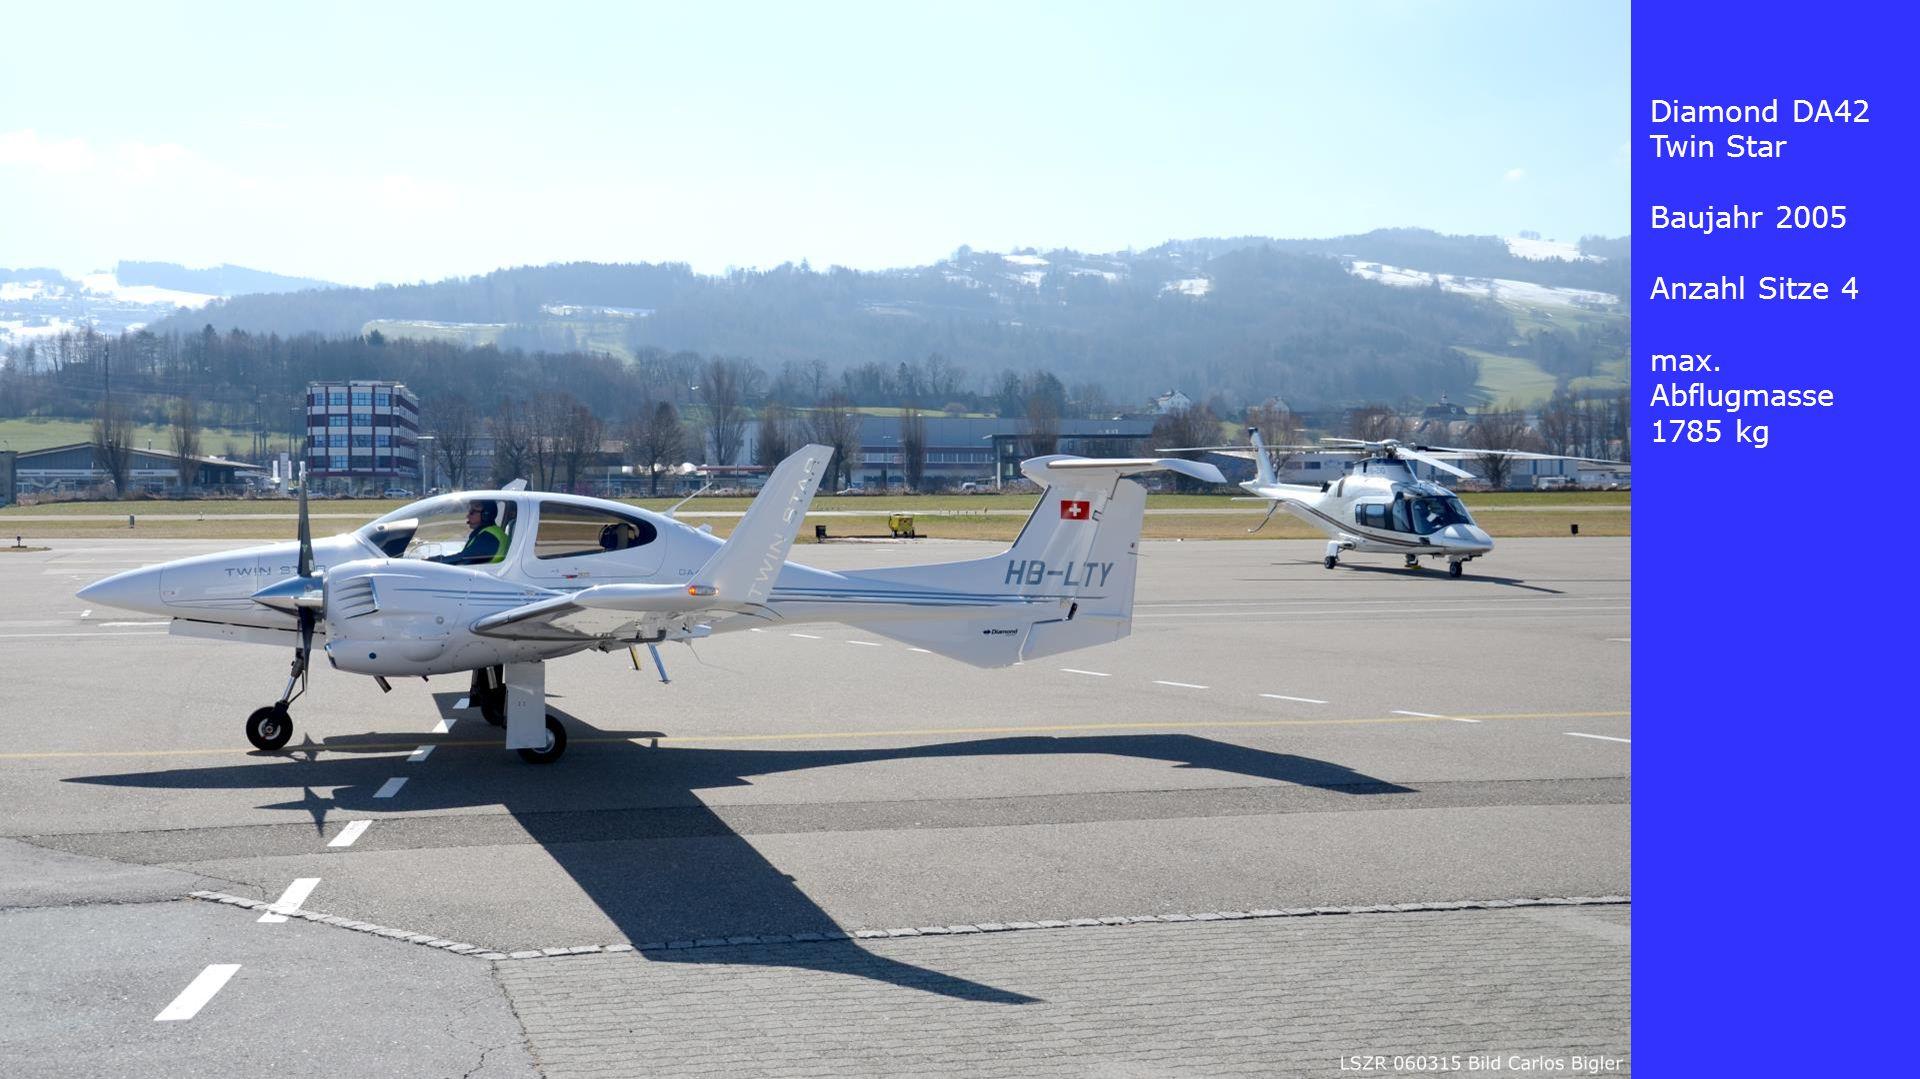 Diamond DA42 Twin Star Baujahr 2005 Anzahl Sitze 4 max. Abflugmasse 1785 kg